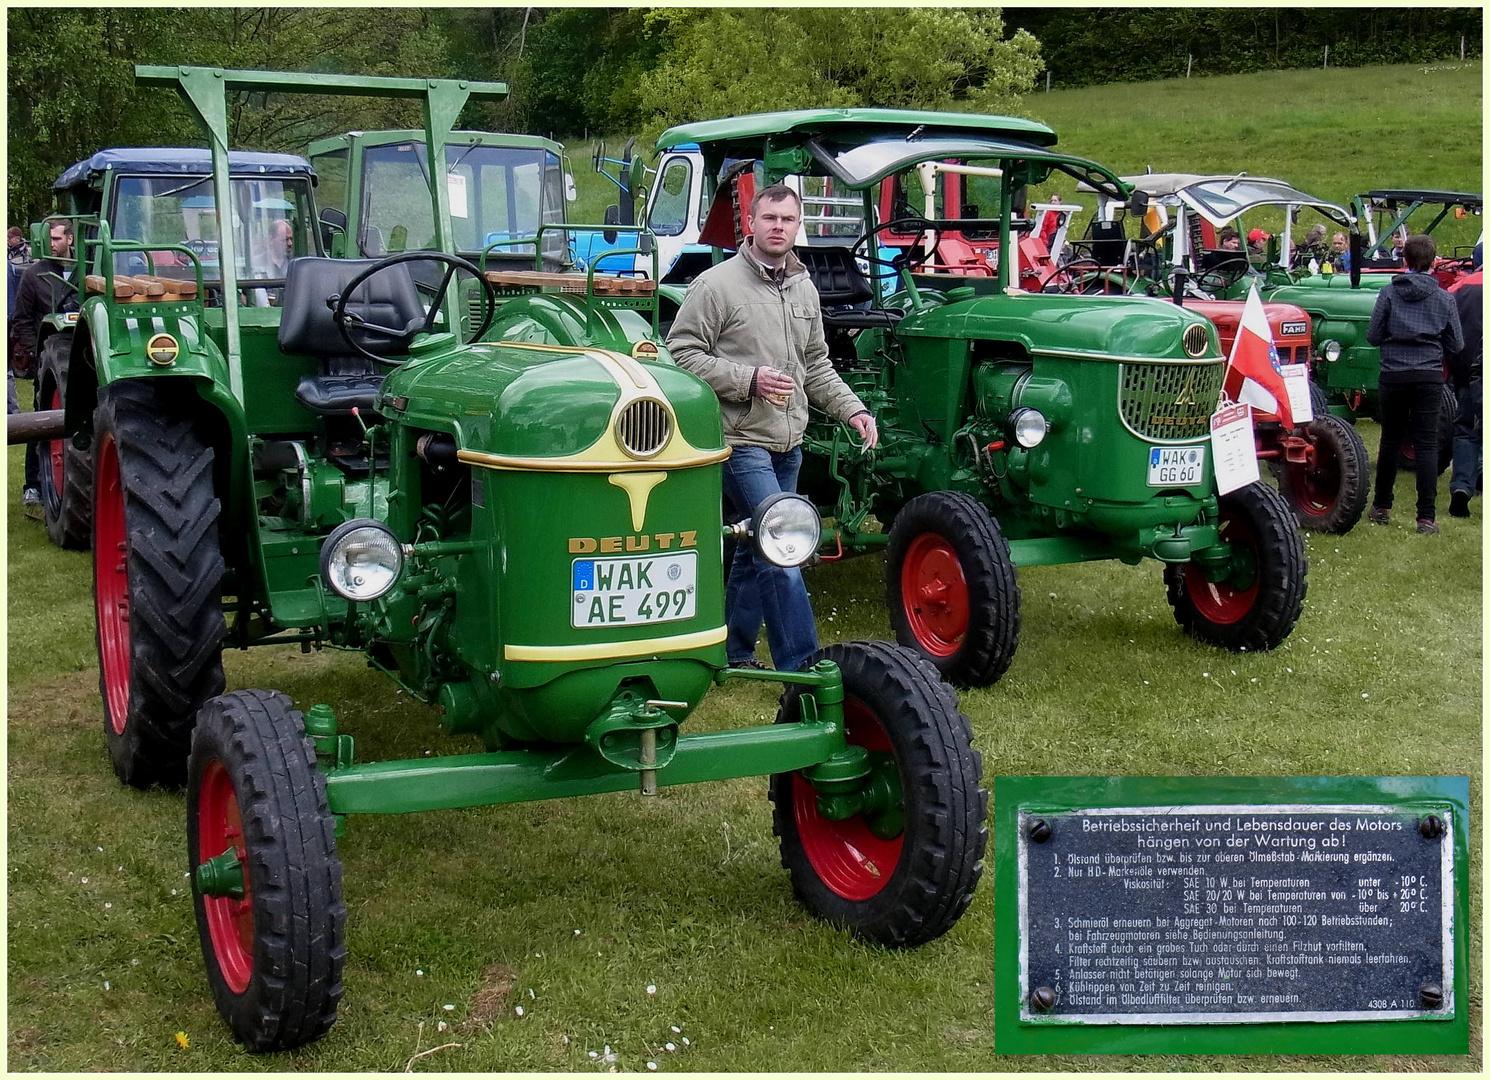 Deutz-FAHR Traktoren auf dem 4. Mosbacher Schleppertreffen 2014